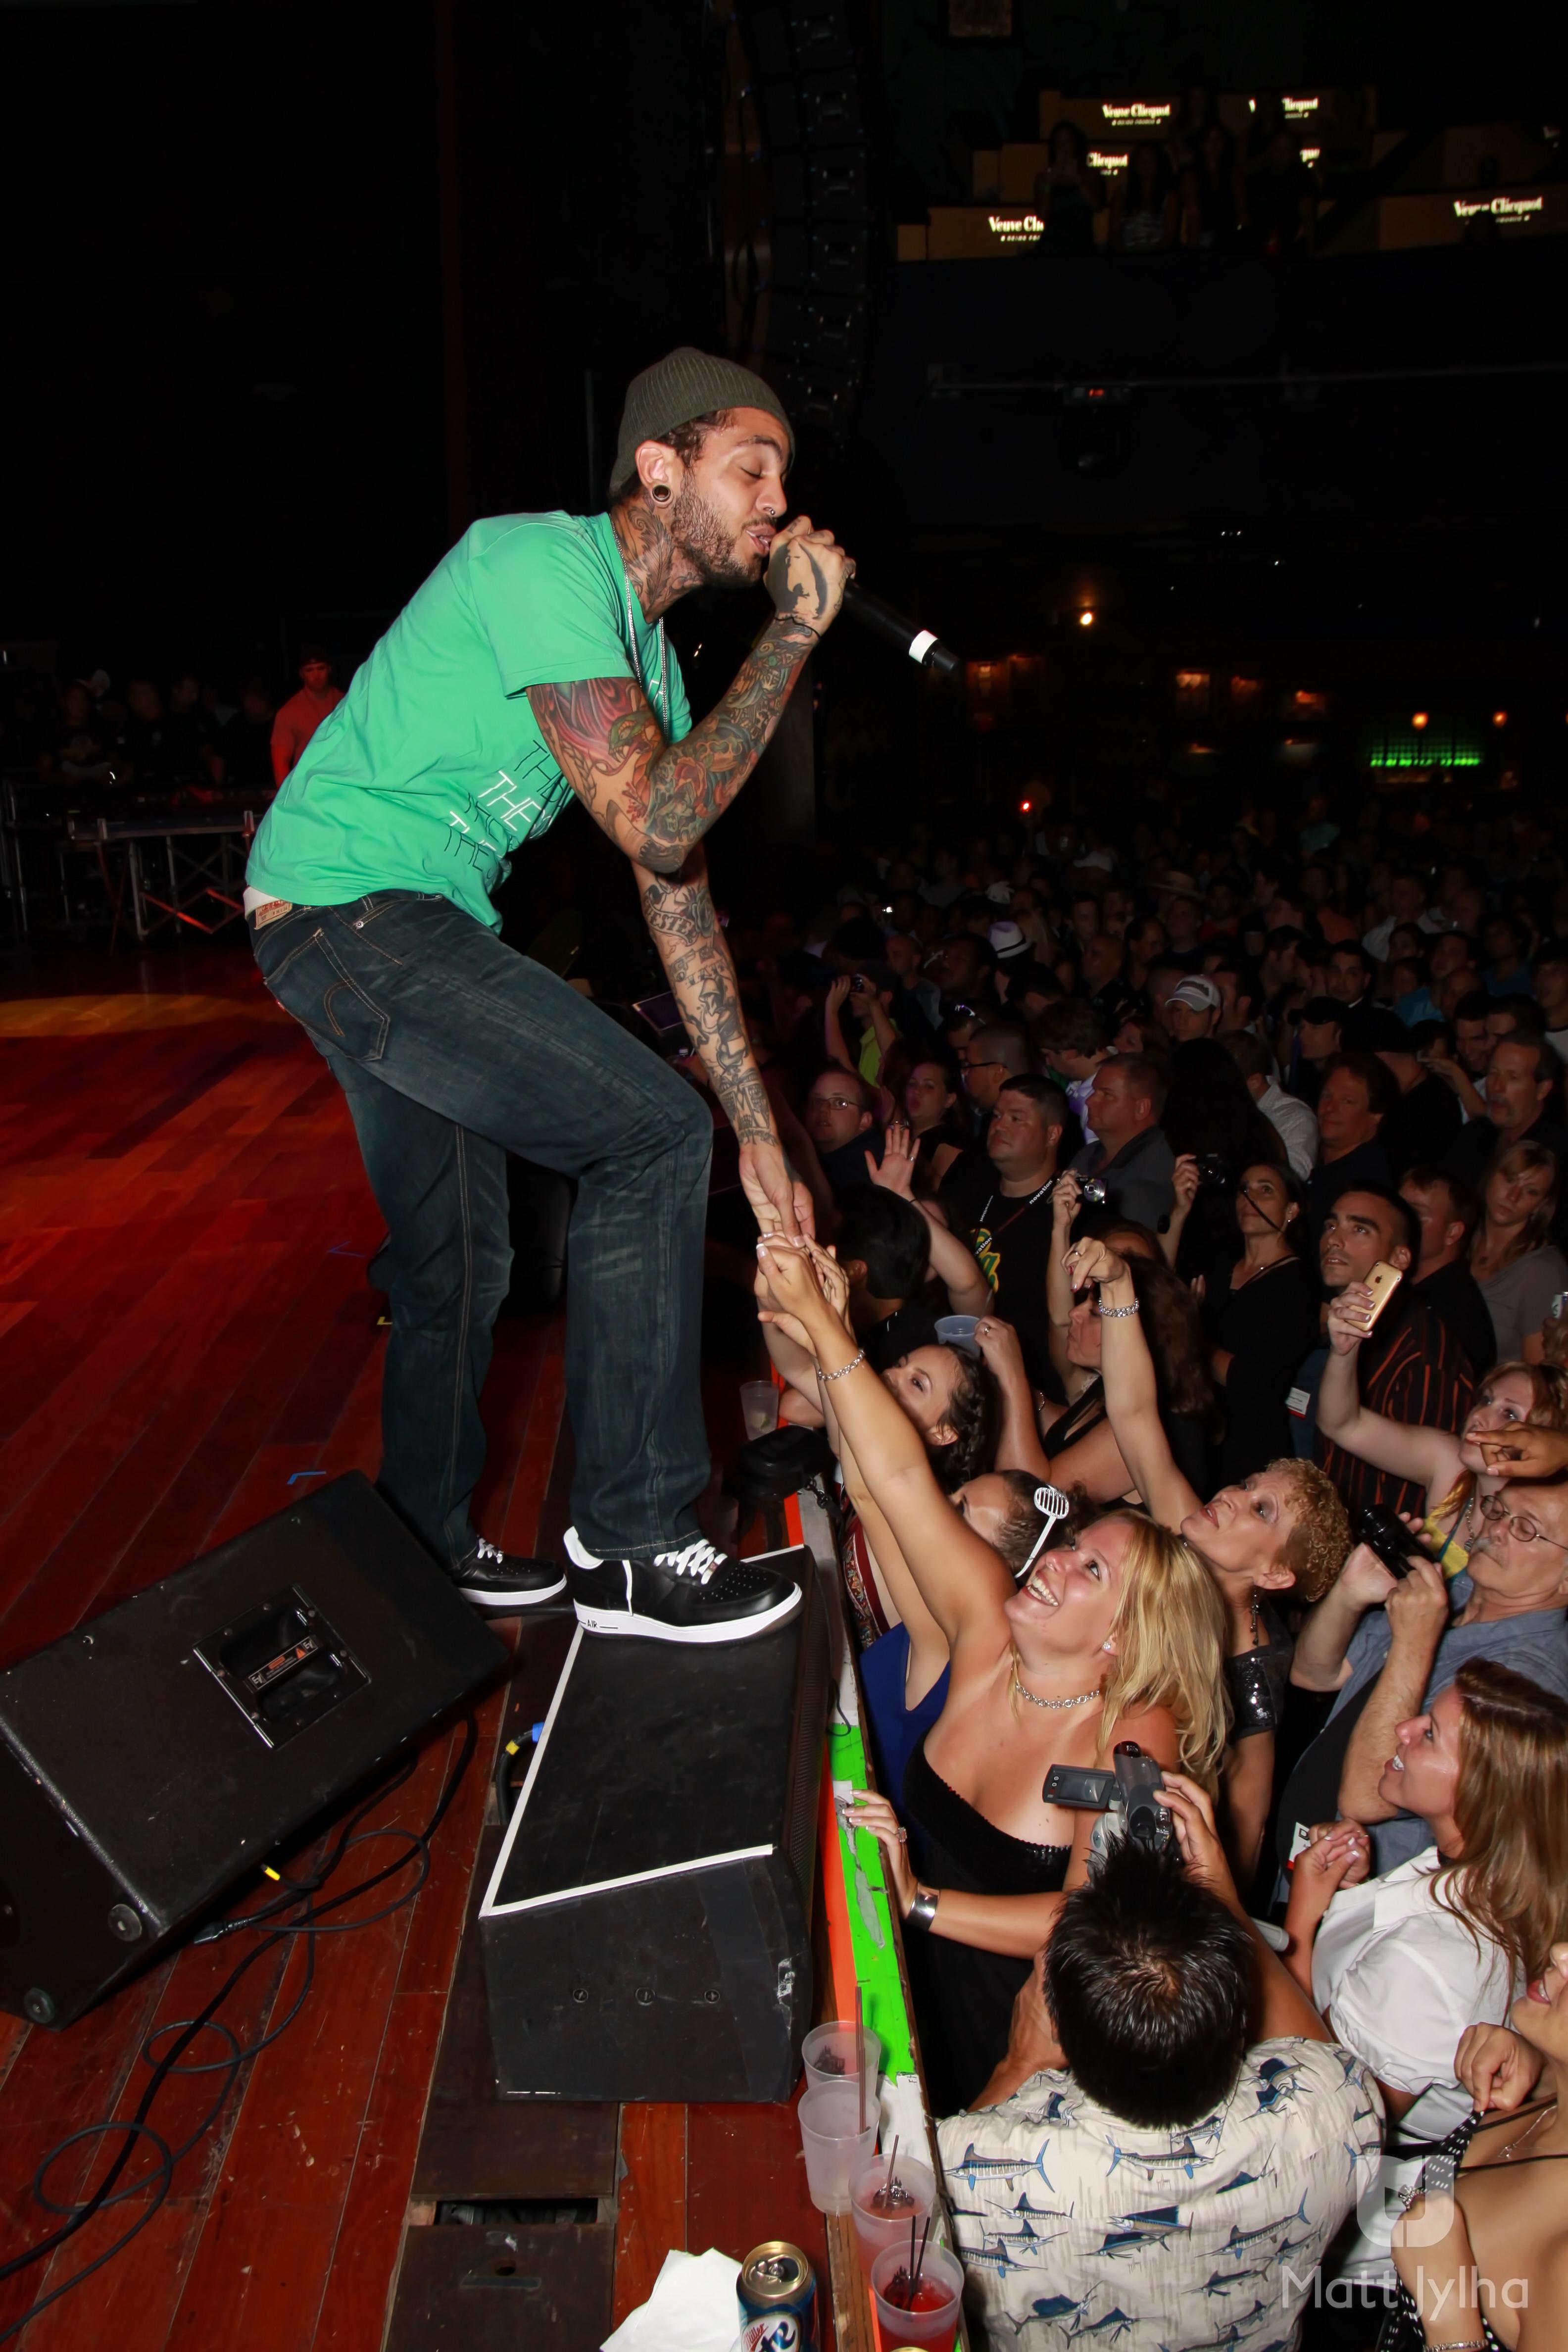 Orlando_Concert_Photographer_Matt_Jylha_022